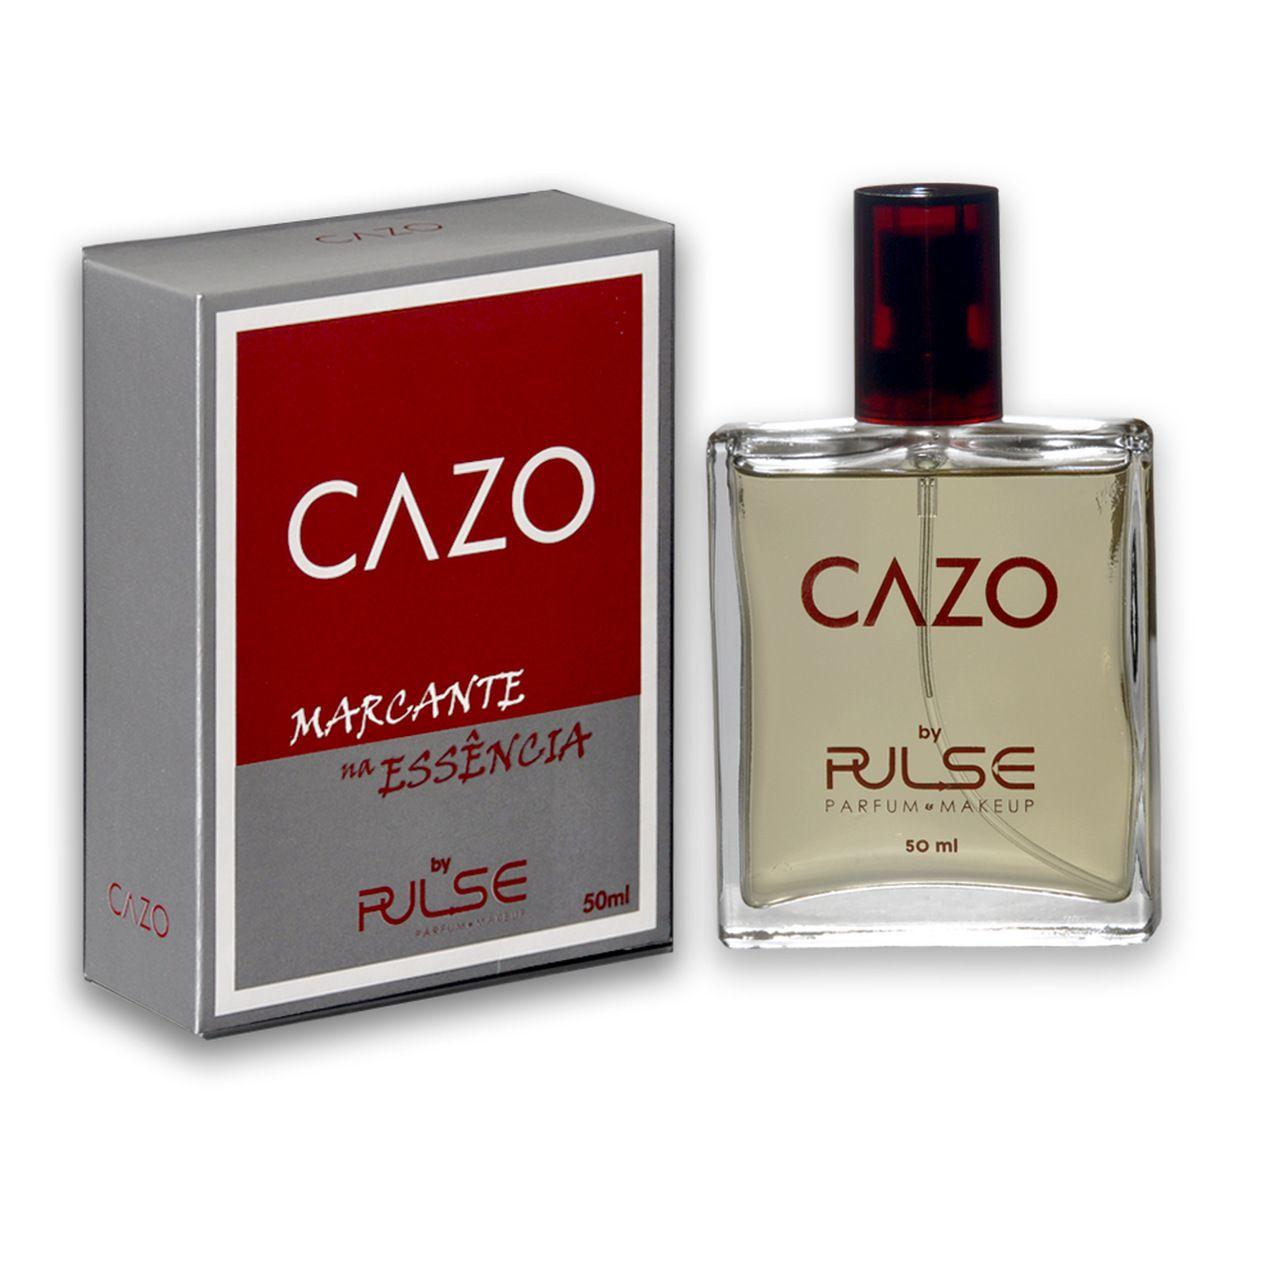 CAZO 07 - 50ml